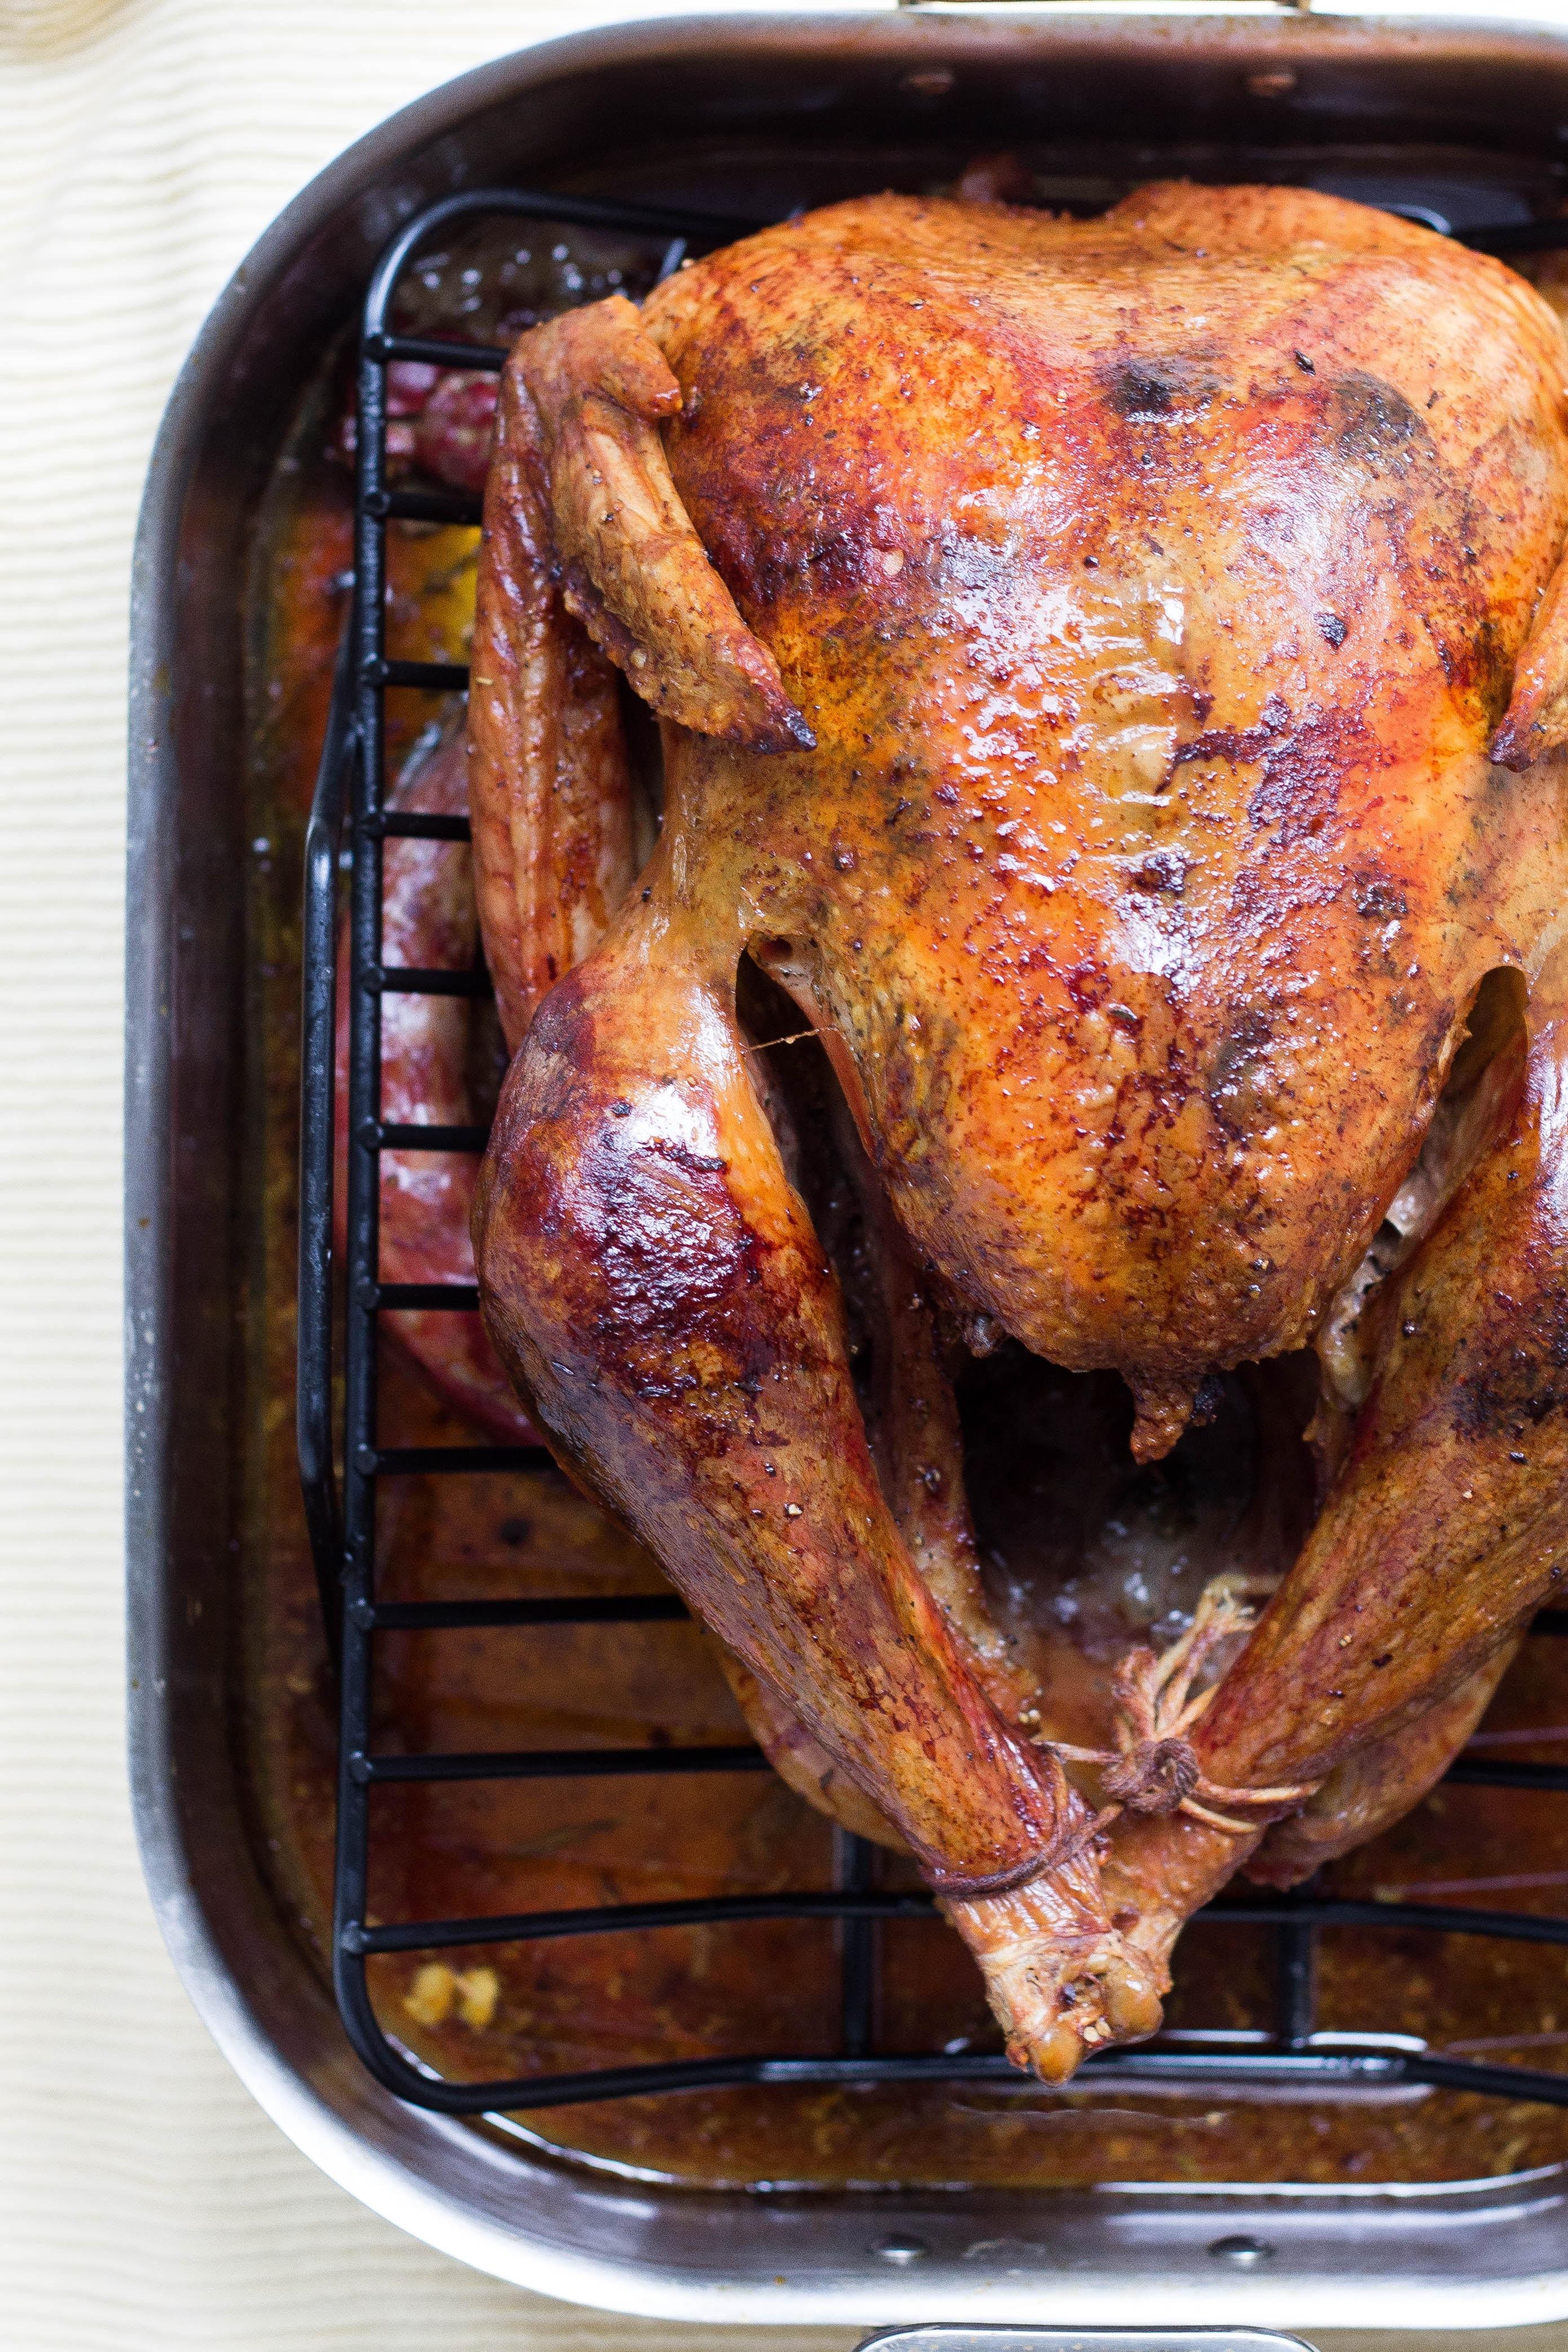 roasted turkey on roasting rack and pan